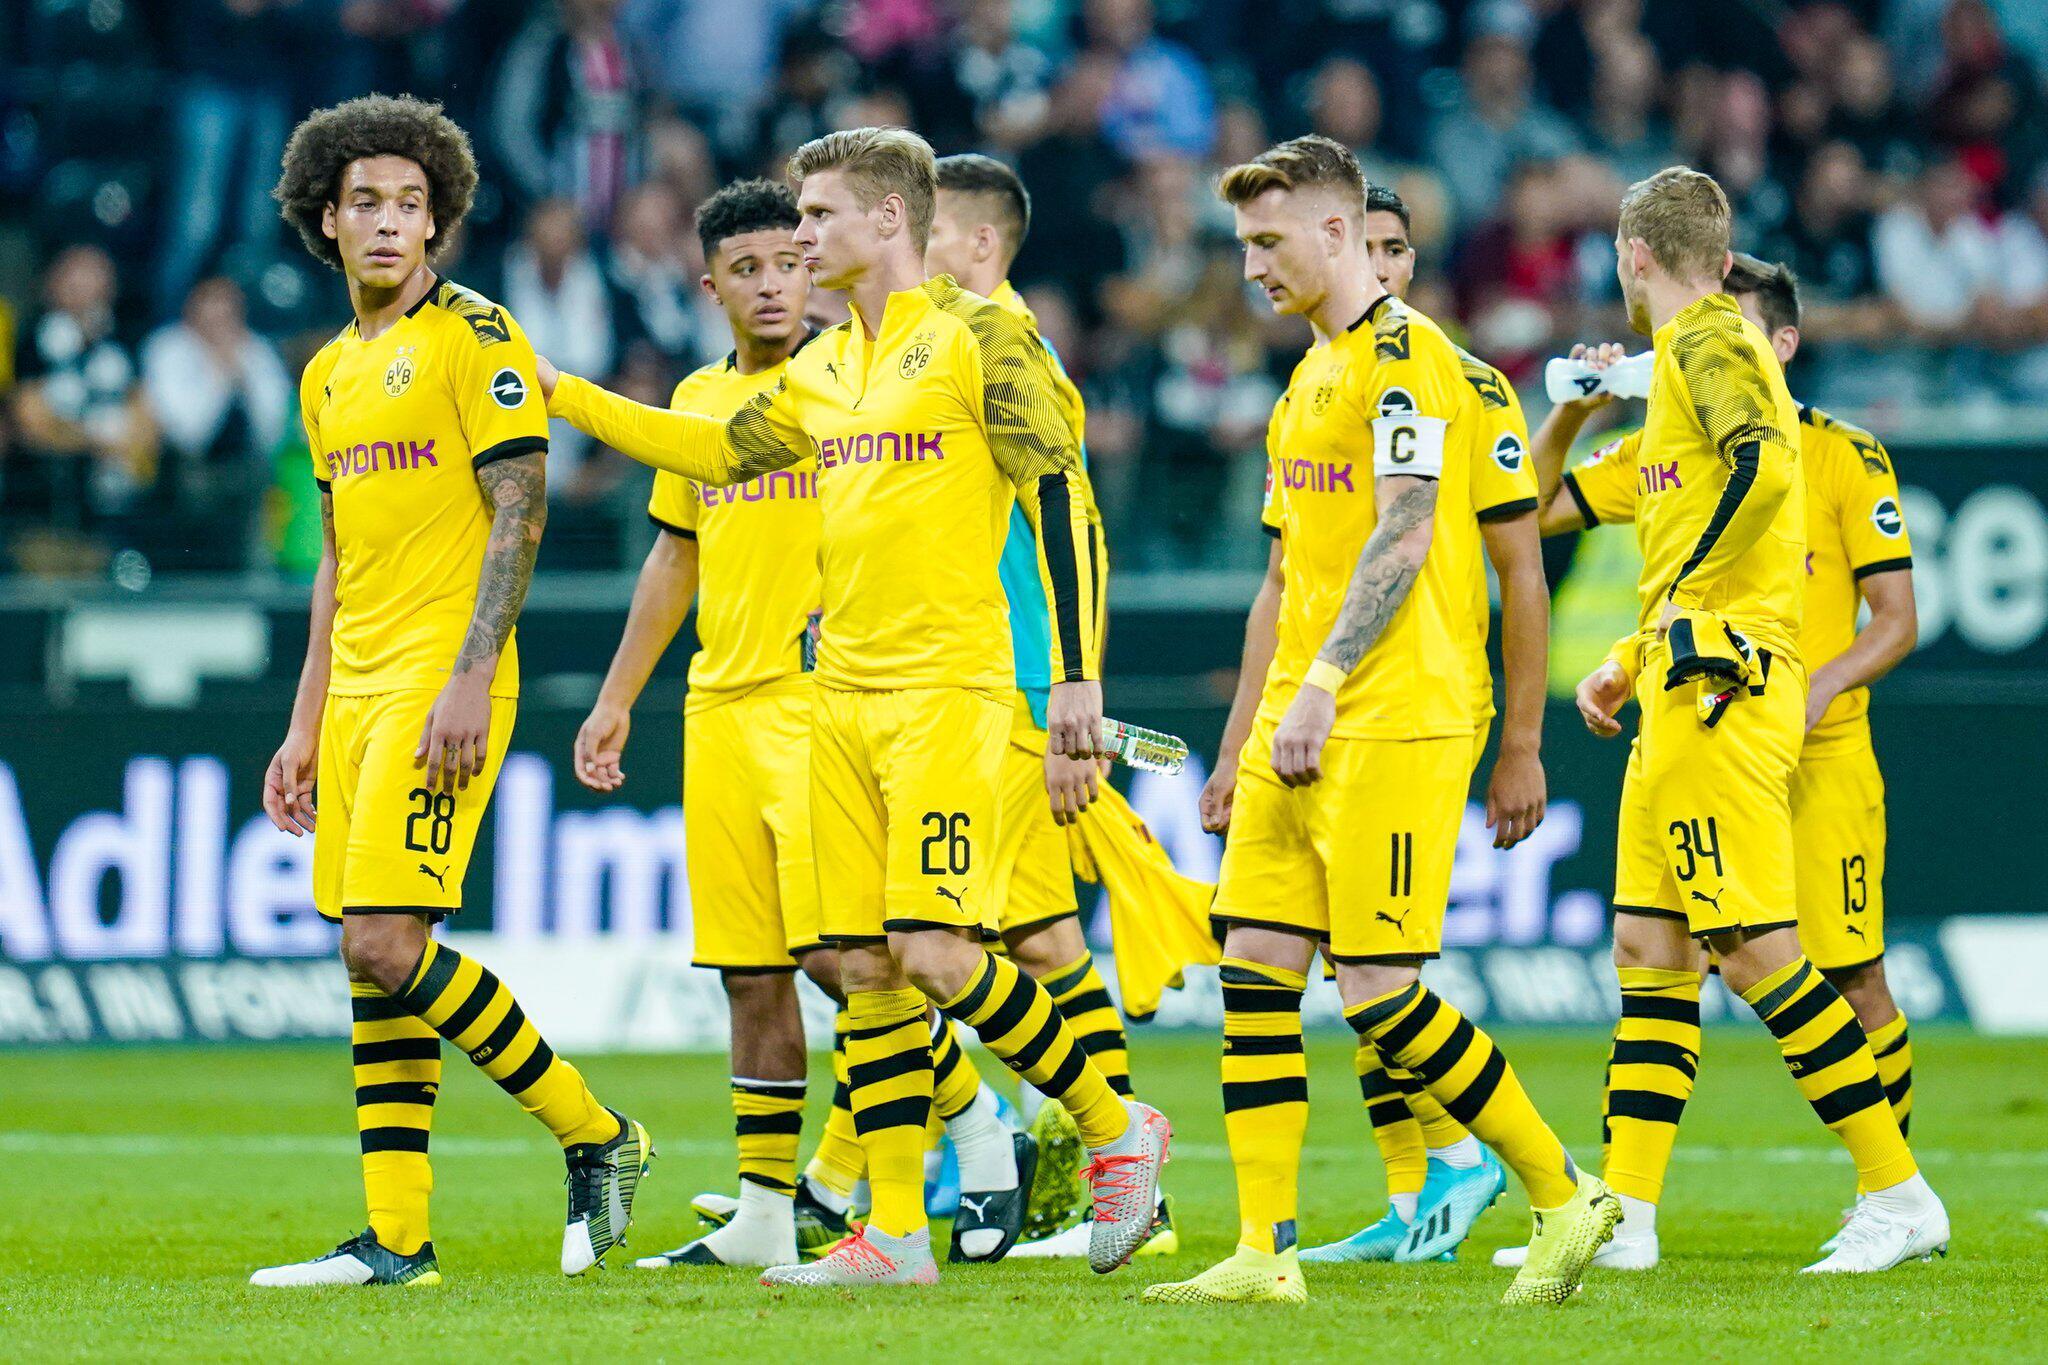 Bild zu Eintracht Frankfurt - Borussia Dortmund